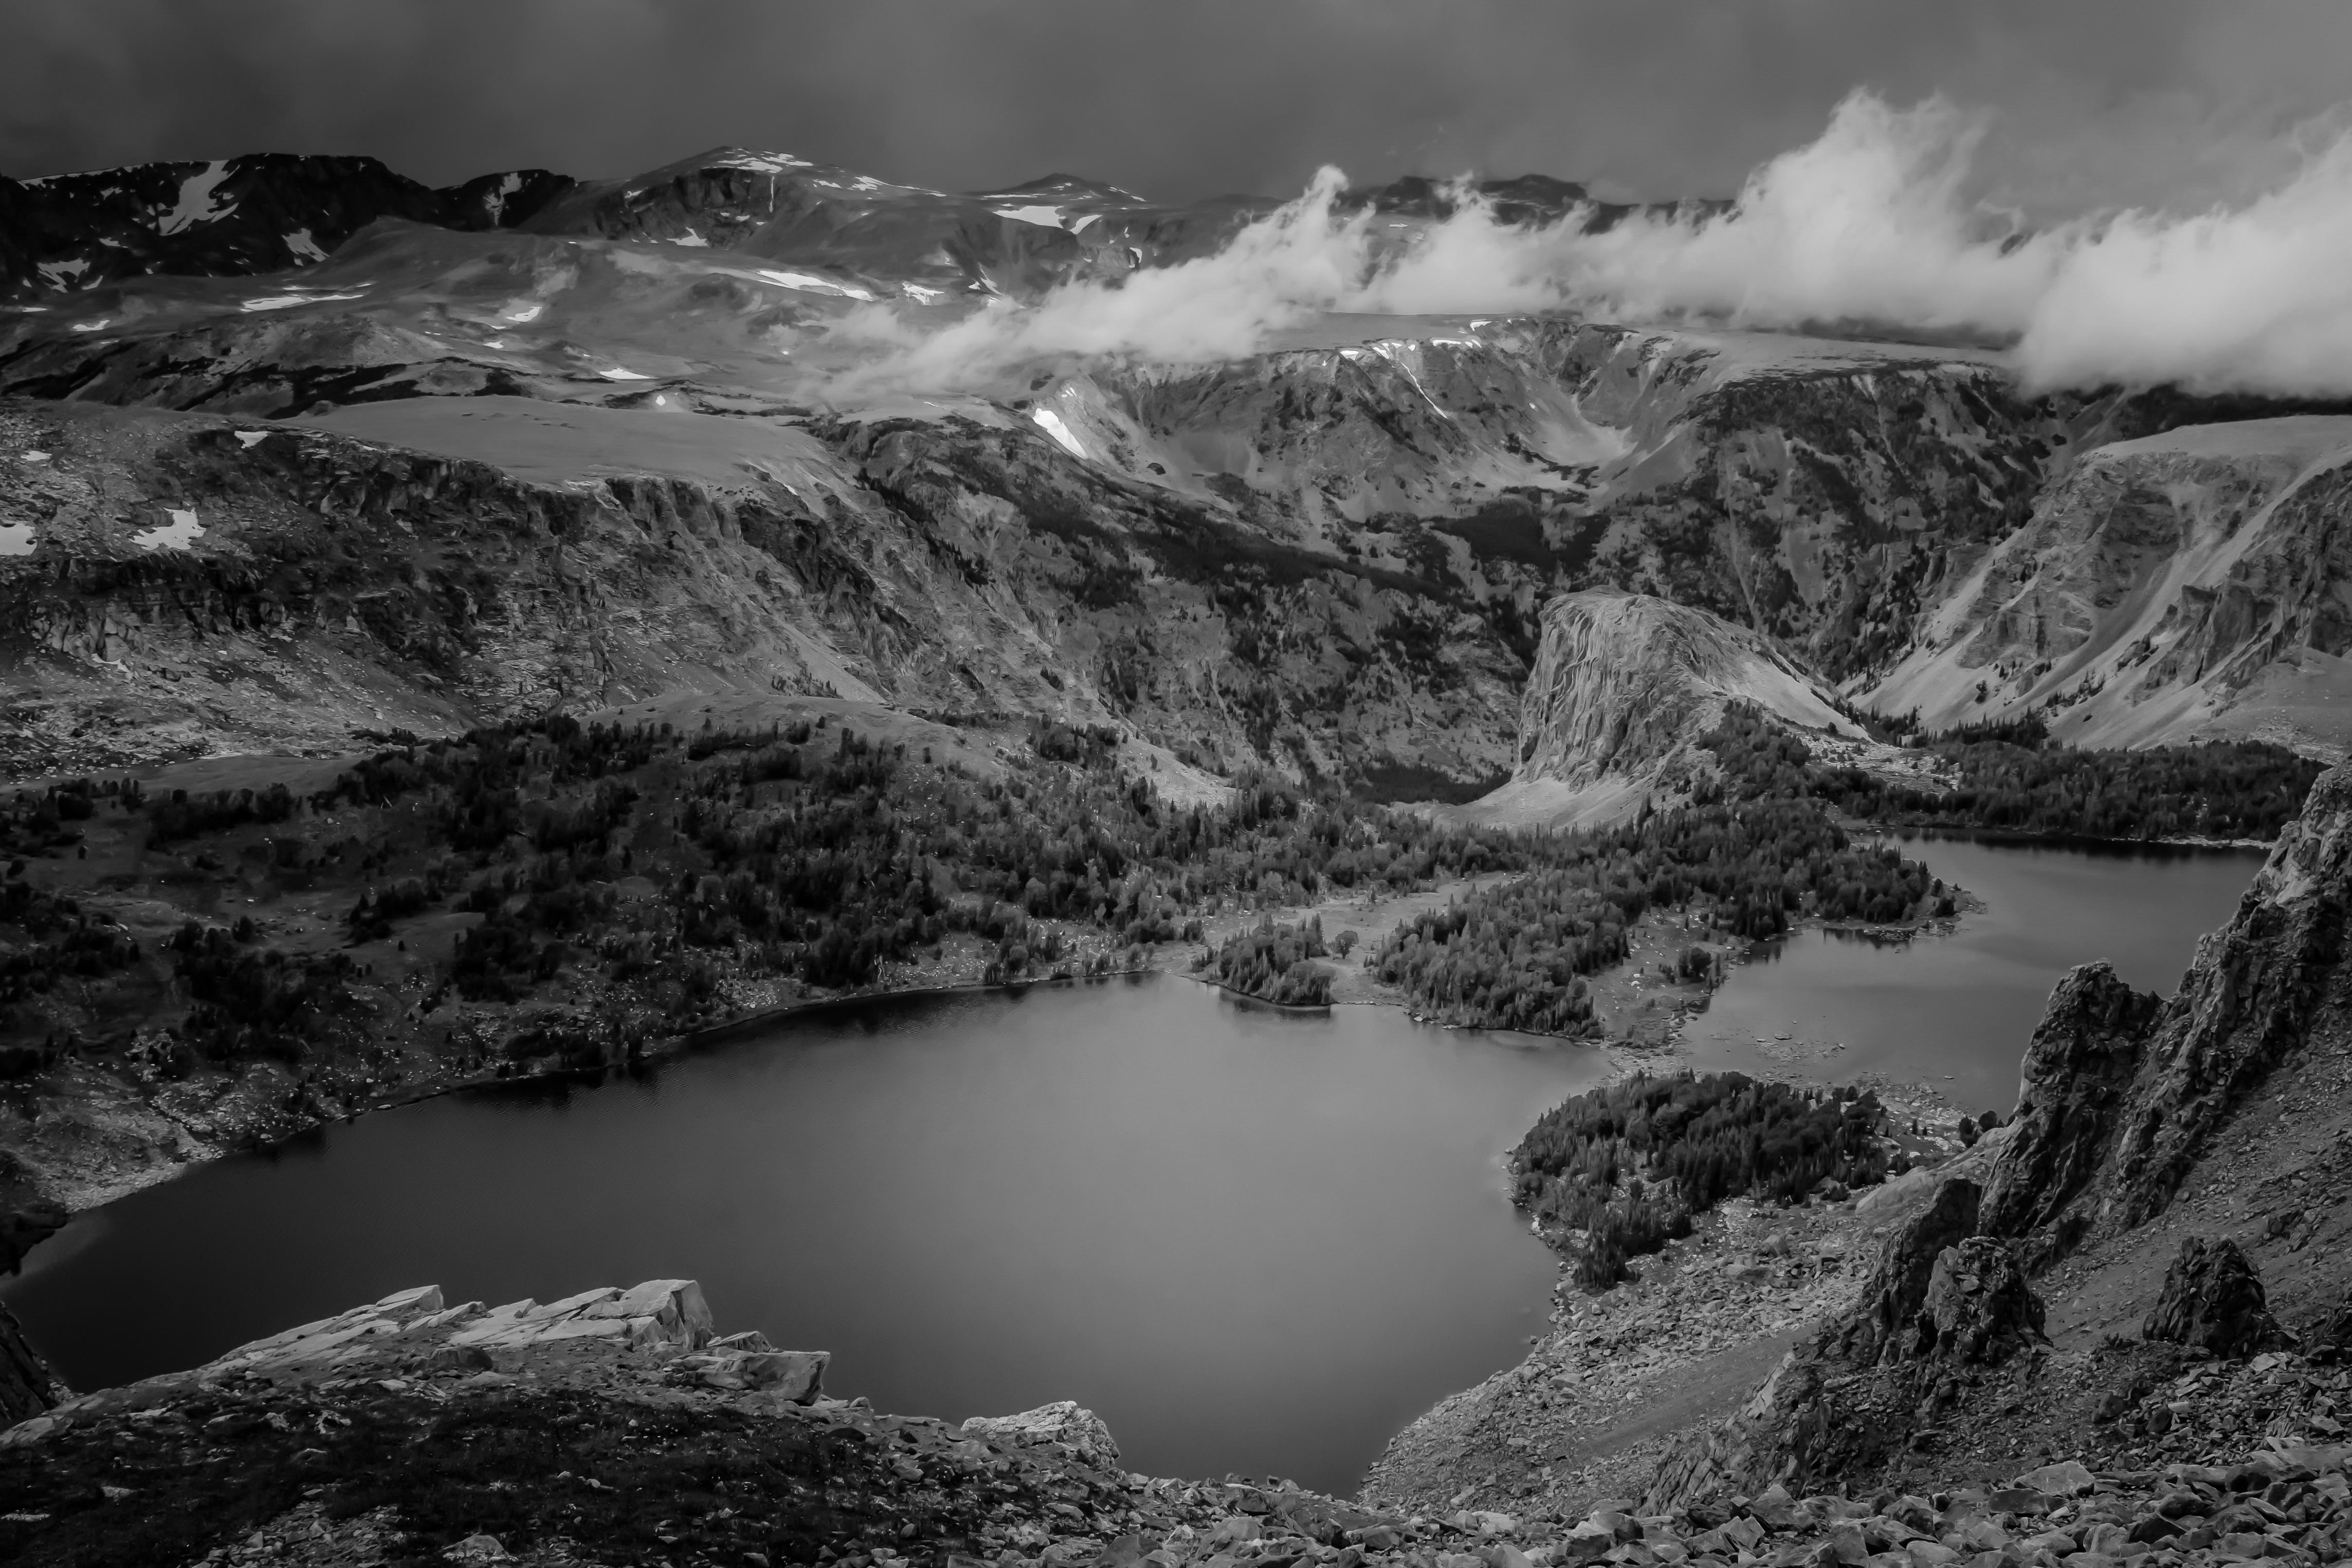 Alpine Lake - Monochrome Print - Name Withheld Per Request